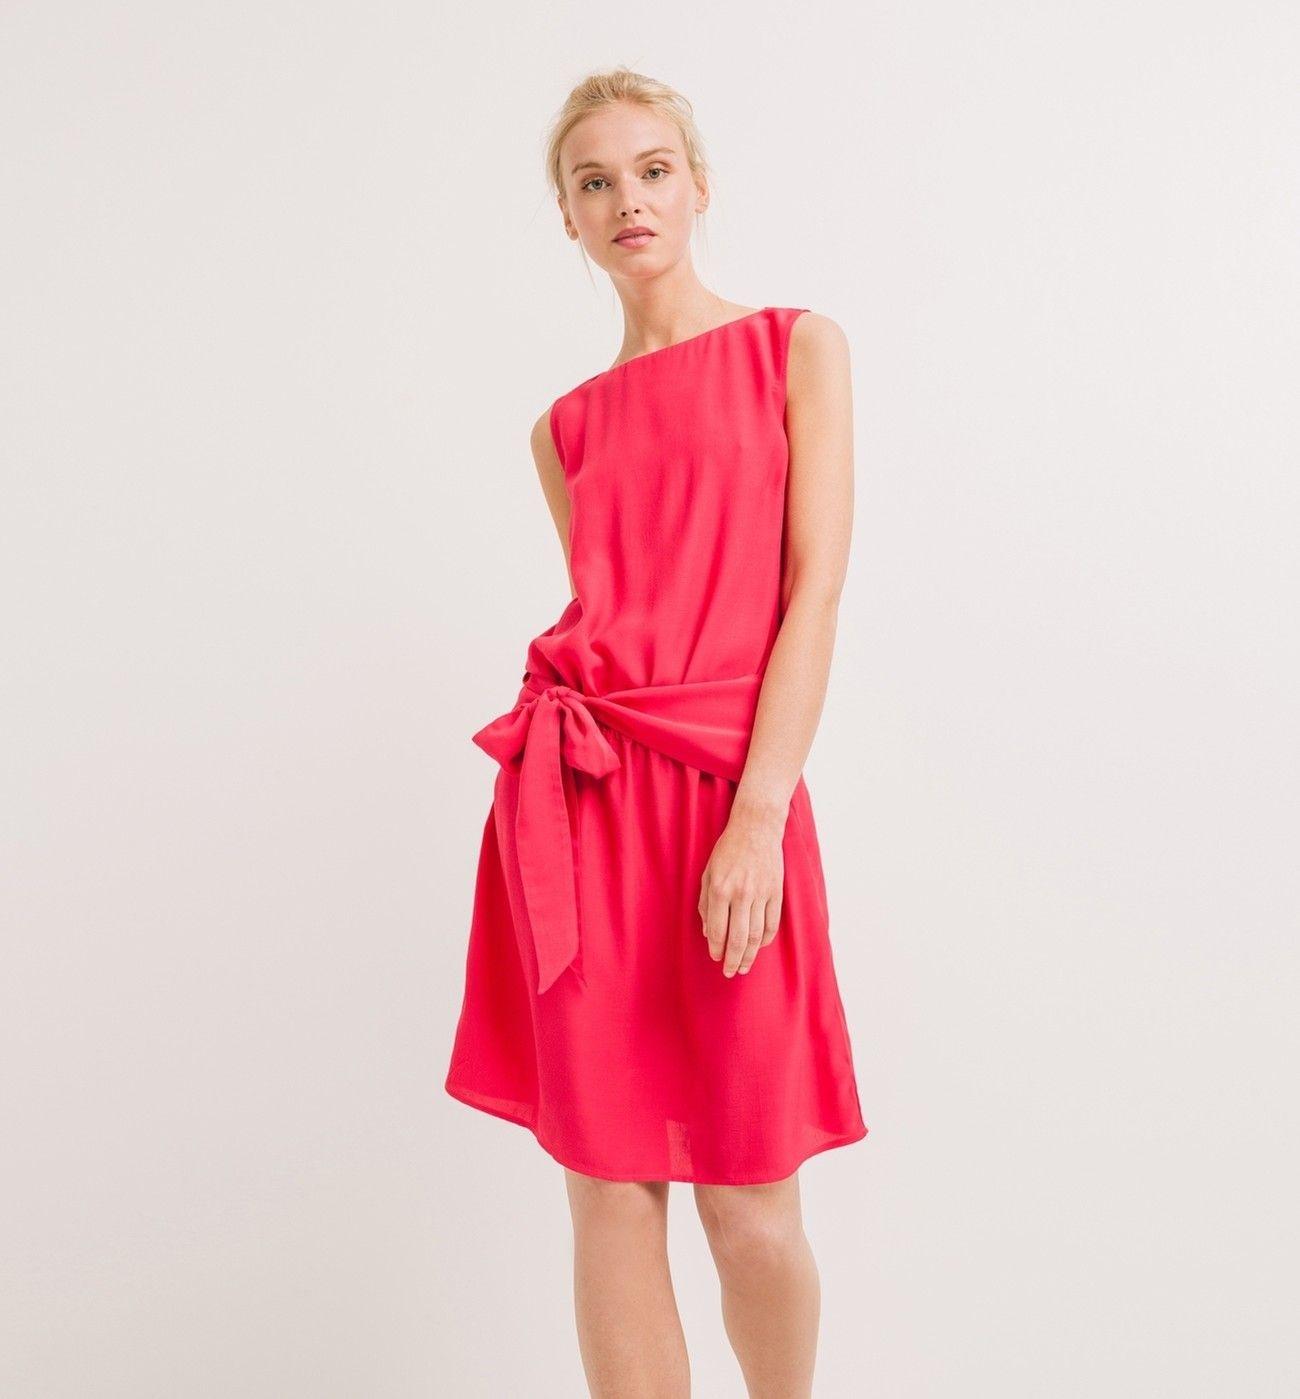 13 Spektakulär Sommerkleider Damen Ärmel13 Fantastisch Sommerkleider Damen für 2019